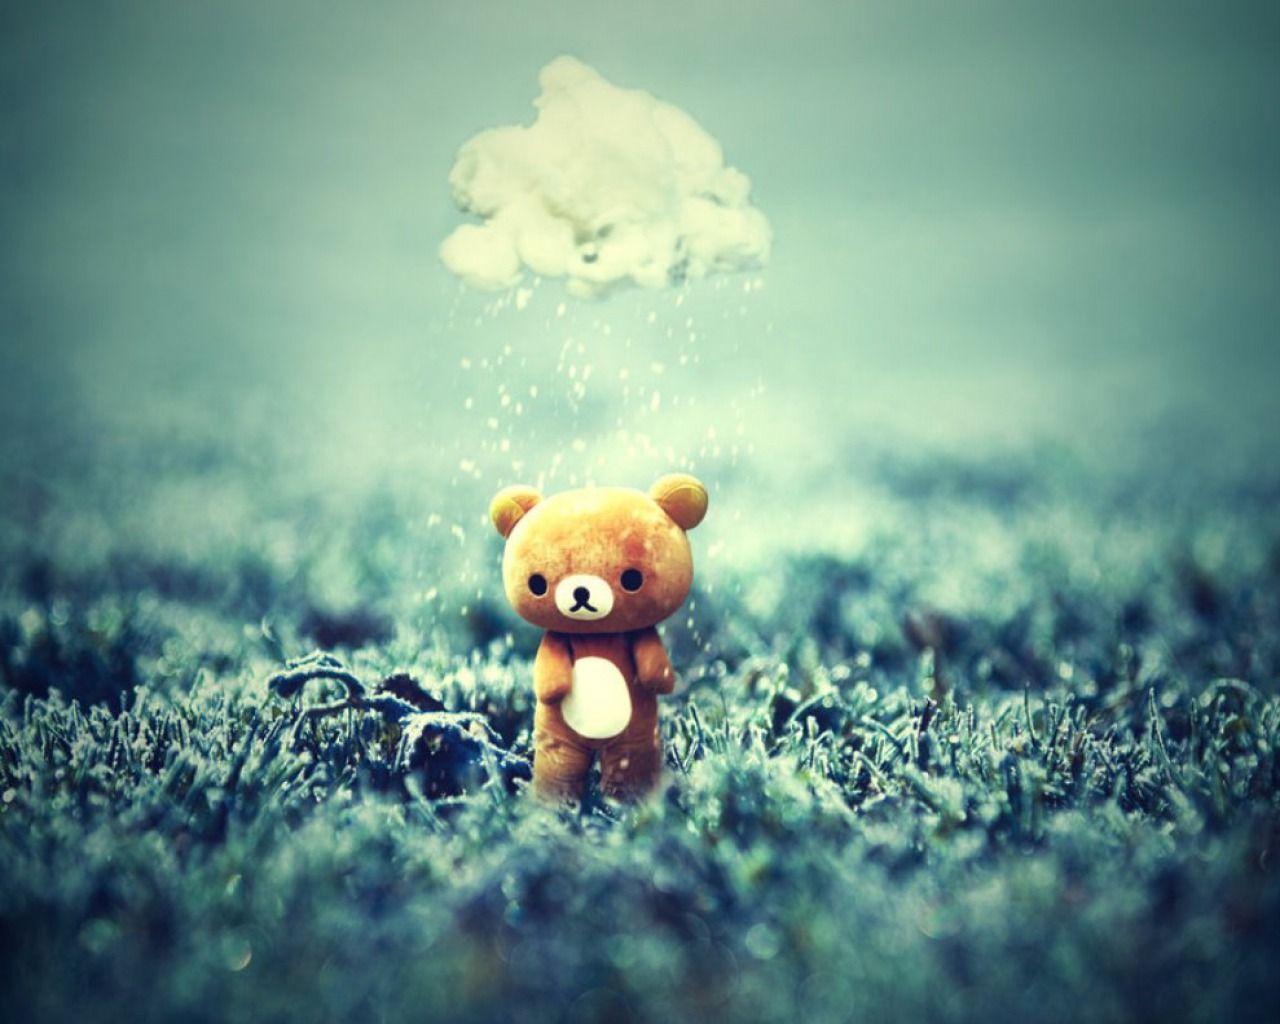 teddy bear | teddy bear wallpapers | desktop wallpapers